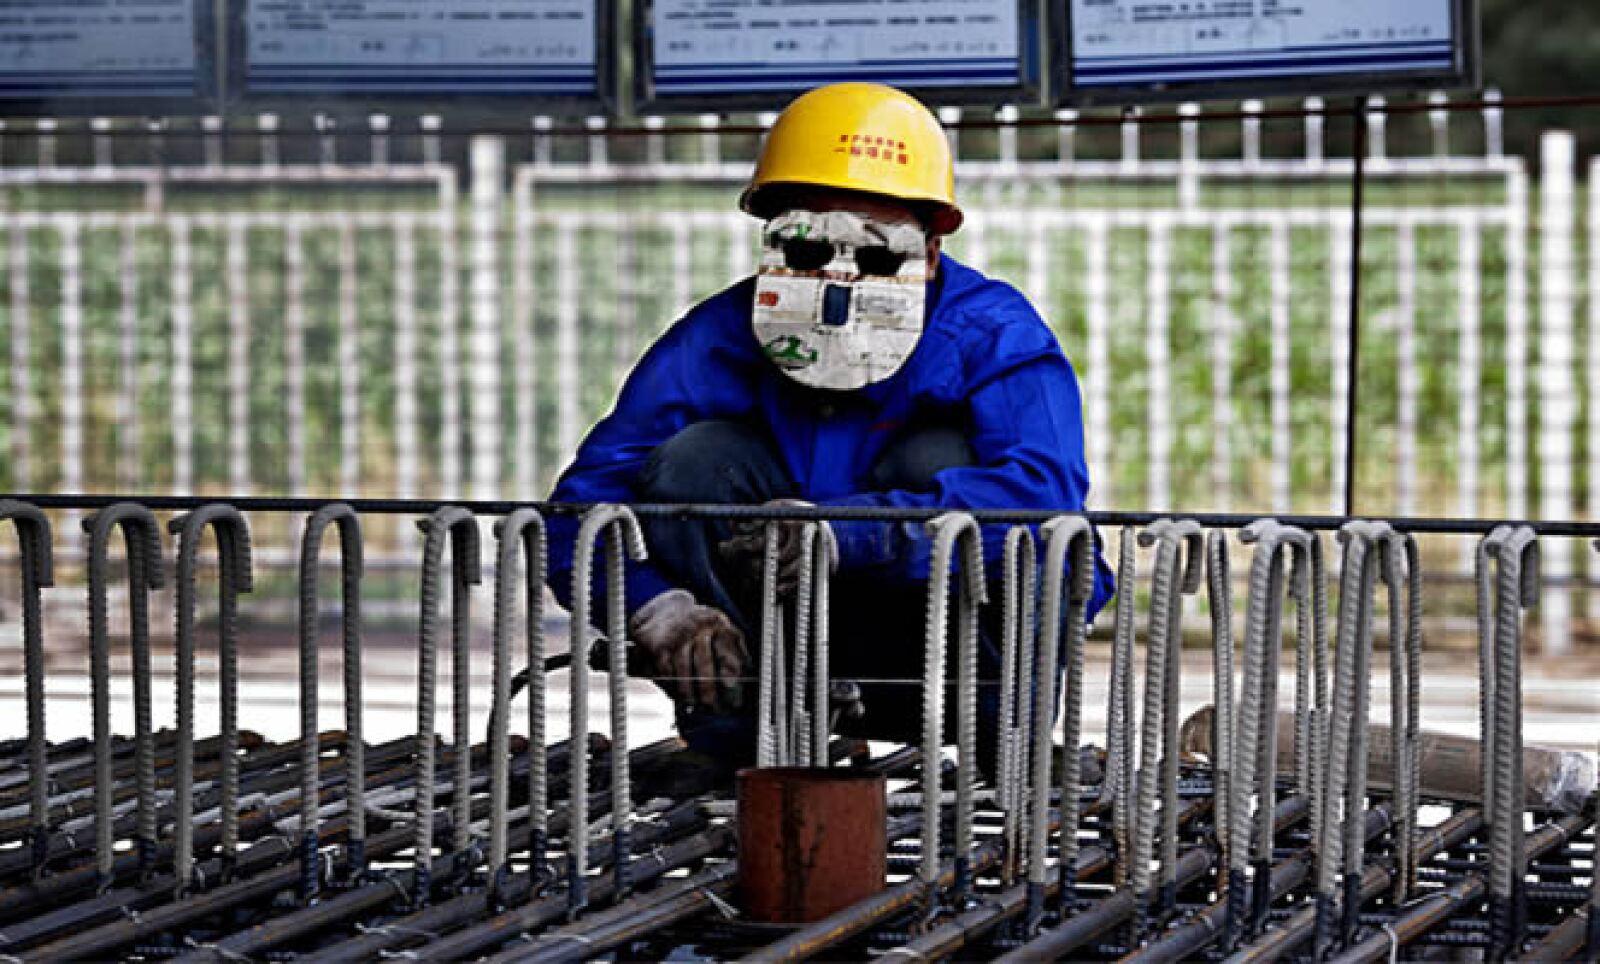 Los empleados que fueron contratados para las obras del tren, se entrenaron por 5 días para comprender la novedad y responsabilidad de sus actos.